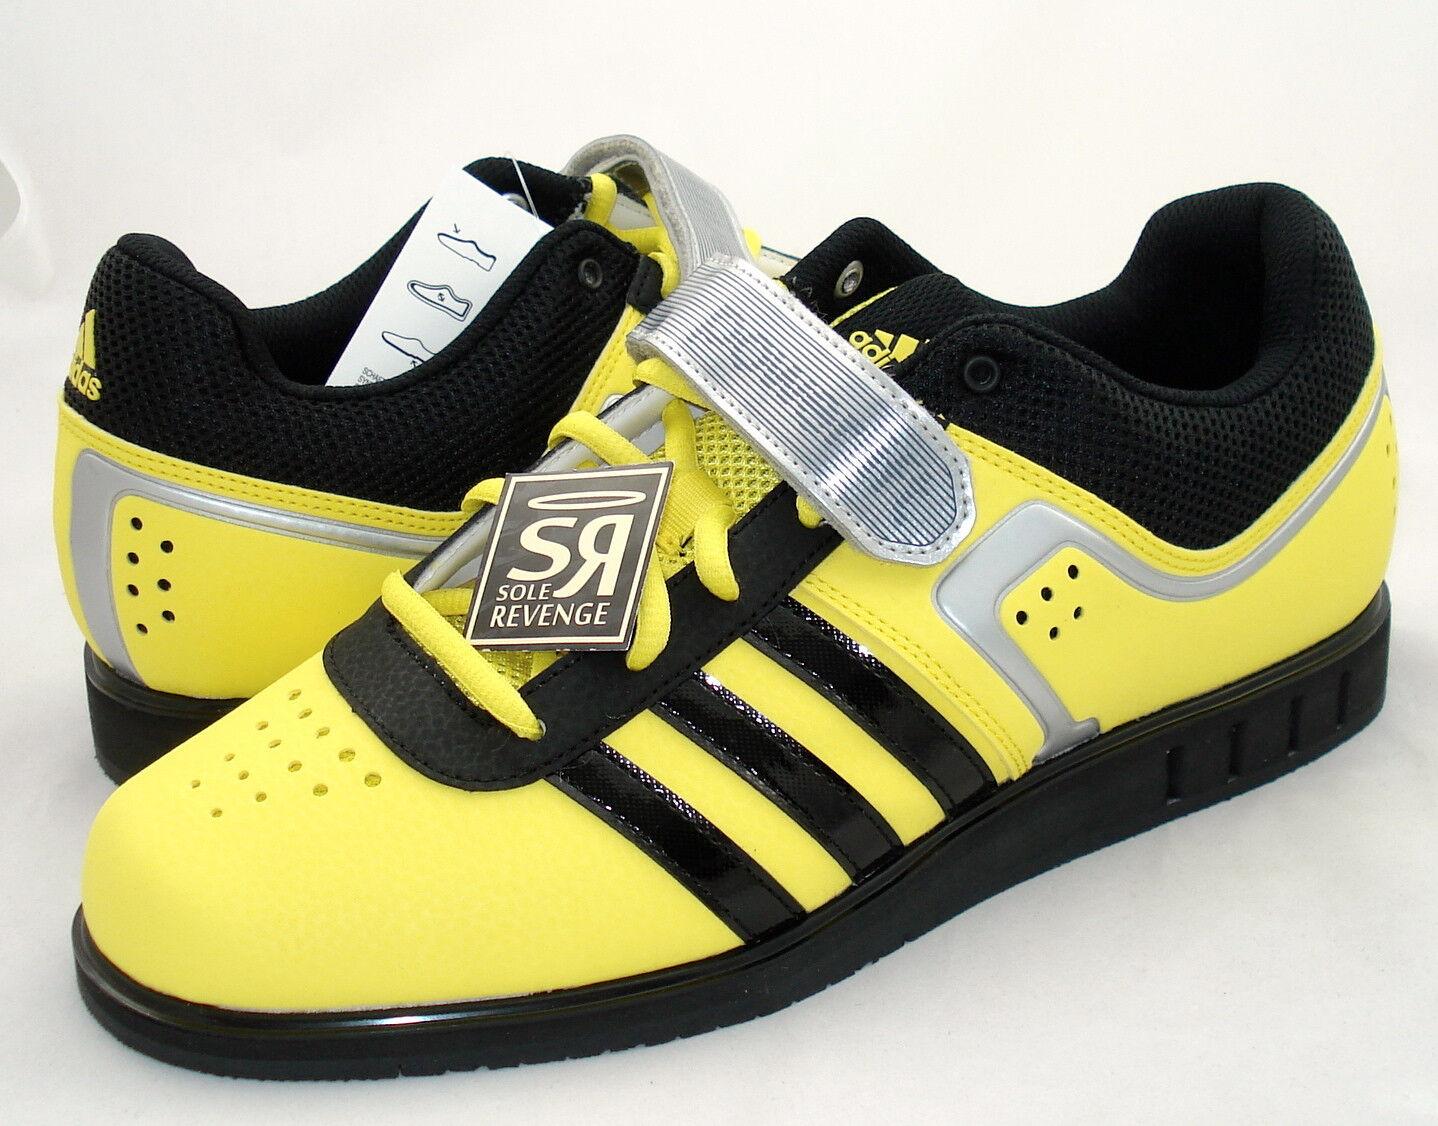 Nueva 9,5 g96434 hombre Adidas Powerlift 2.0 g96434 9,5 halterofilia hombre zapatos amarillo negro c2552d